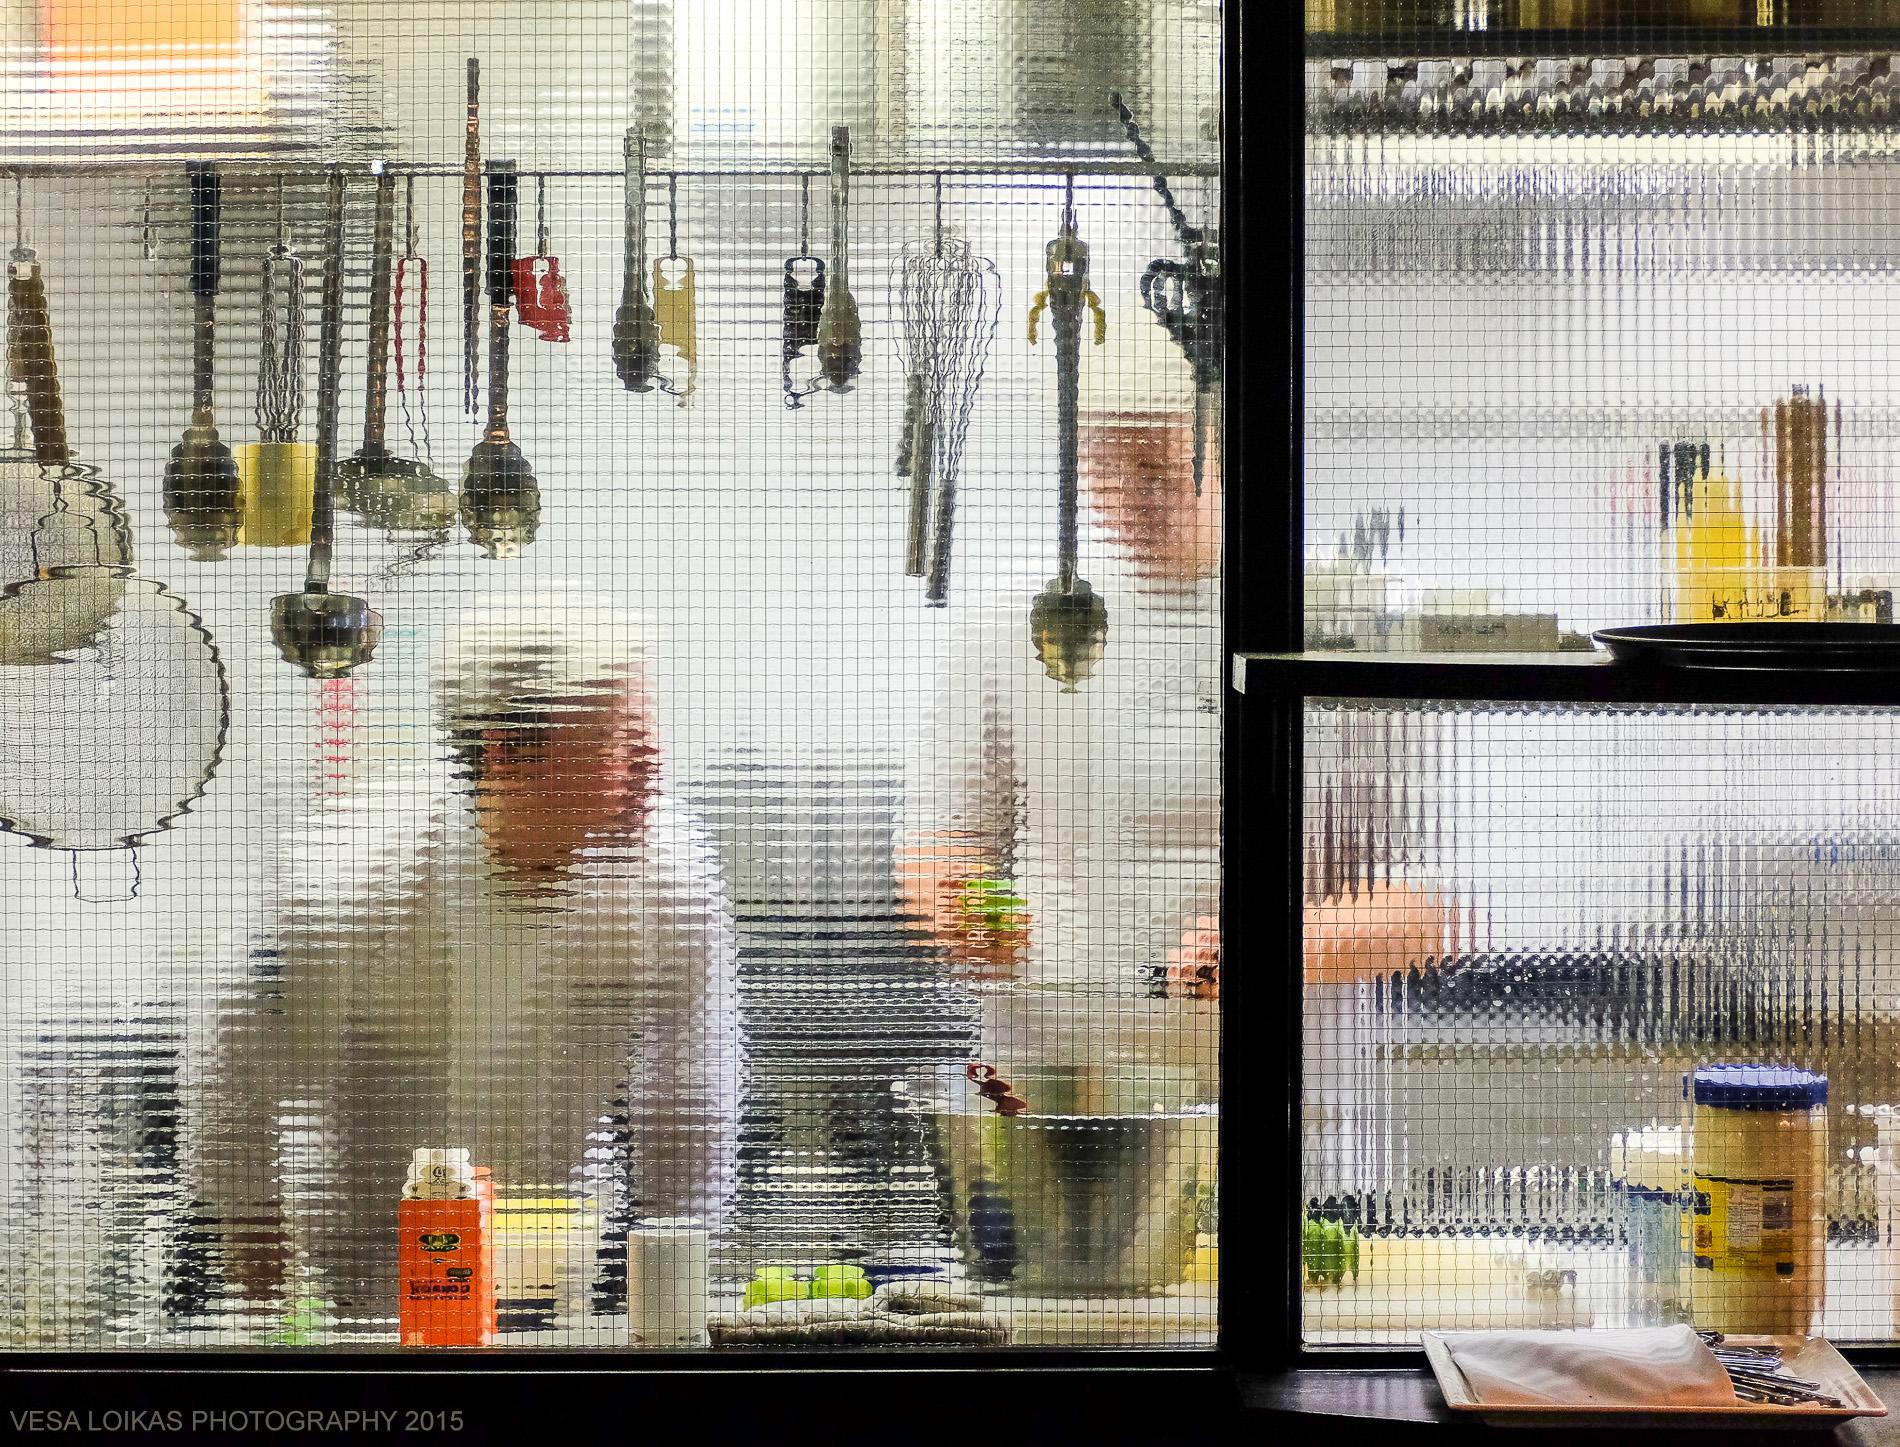 CHEFS IN ACTION    Ludu restaurant, Turku, Finland - March 11th, 2015